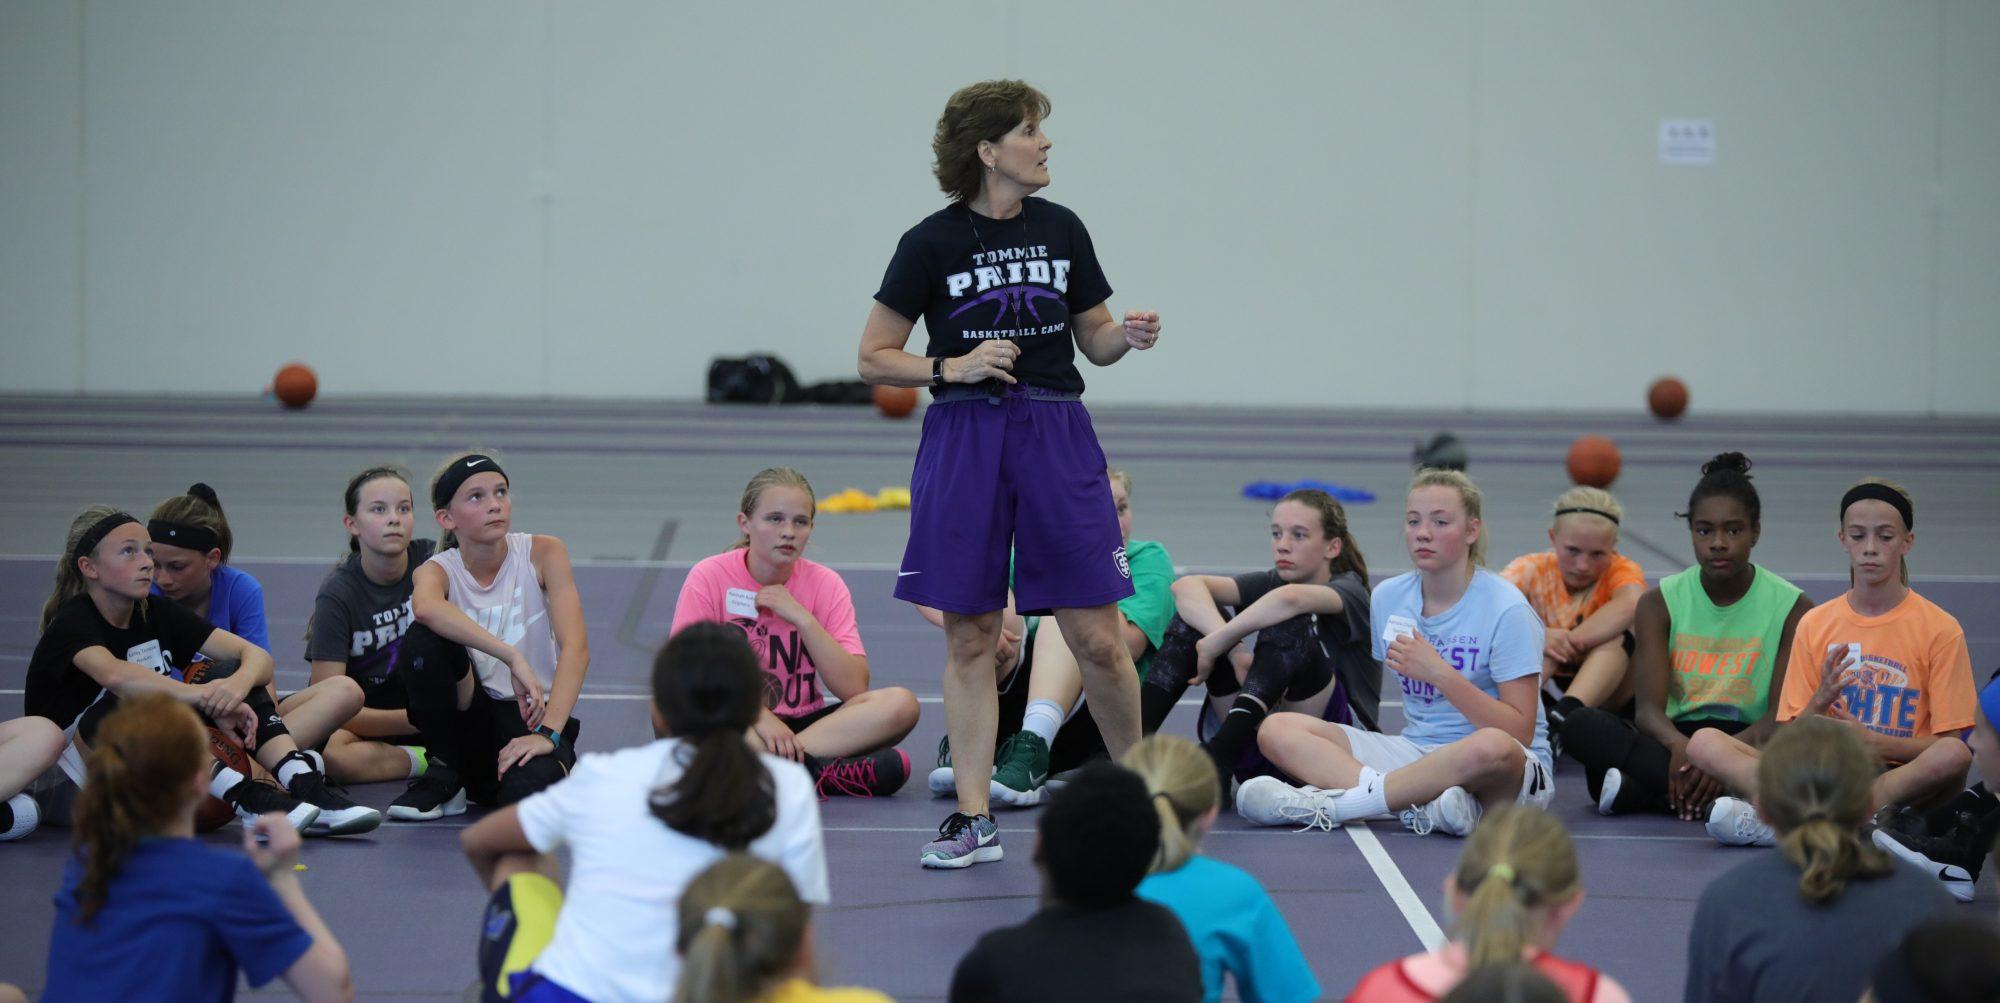 Tommie Pride Basketball Camps-Coach Ruth Sinn